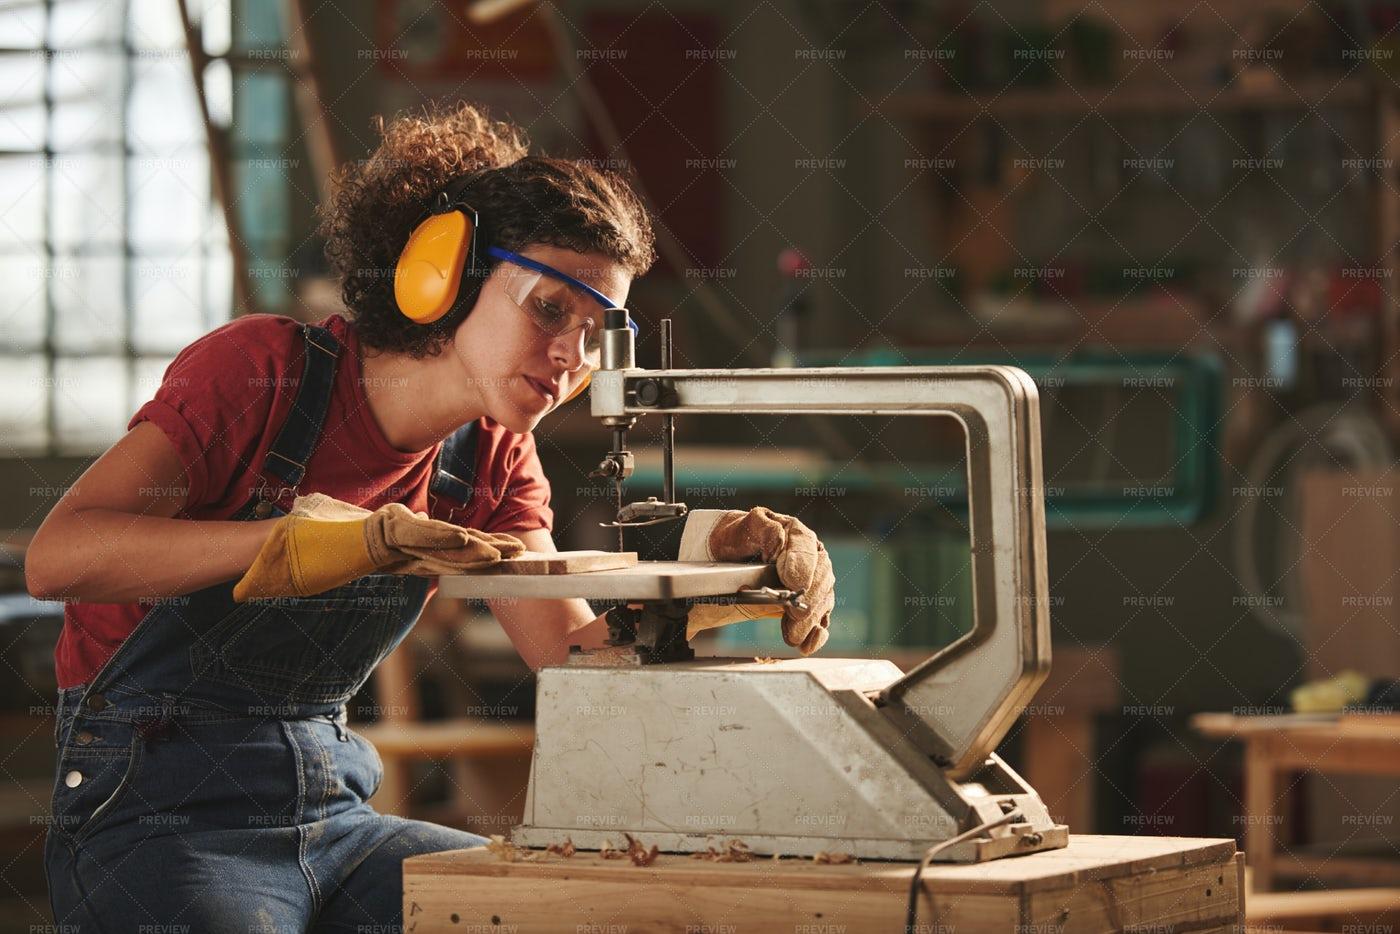 Professional Carpenter At Work: Stock Photos